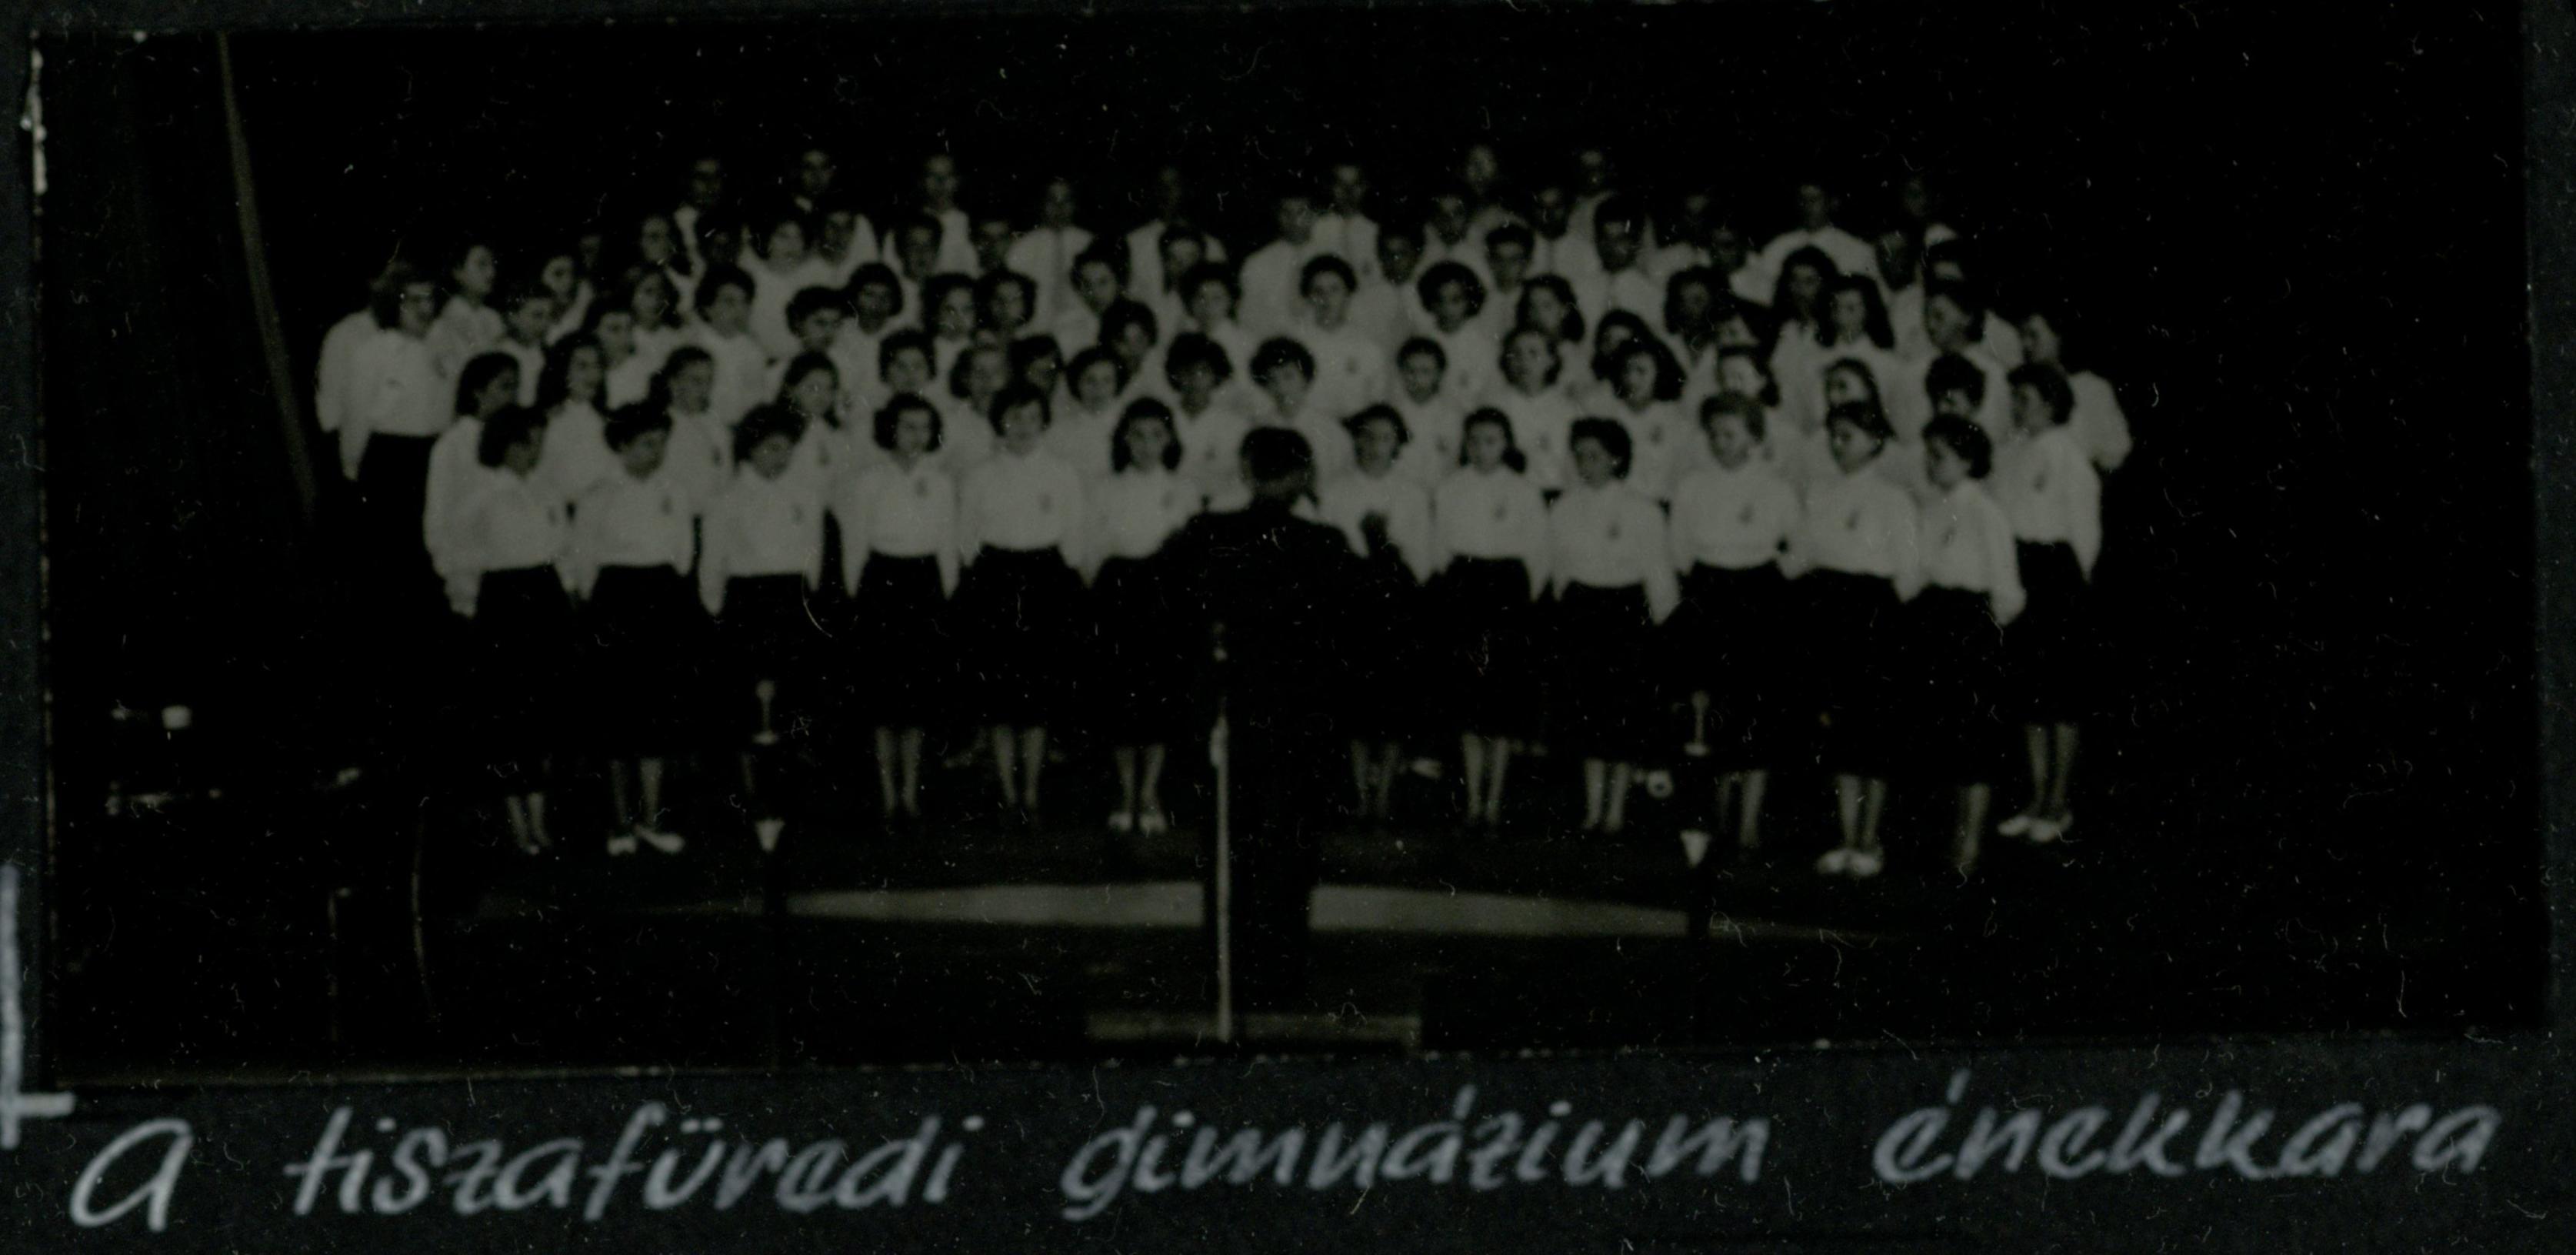 Tiszafüredi gimnázium énekkara